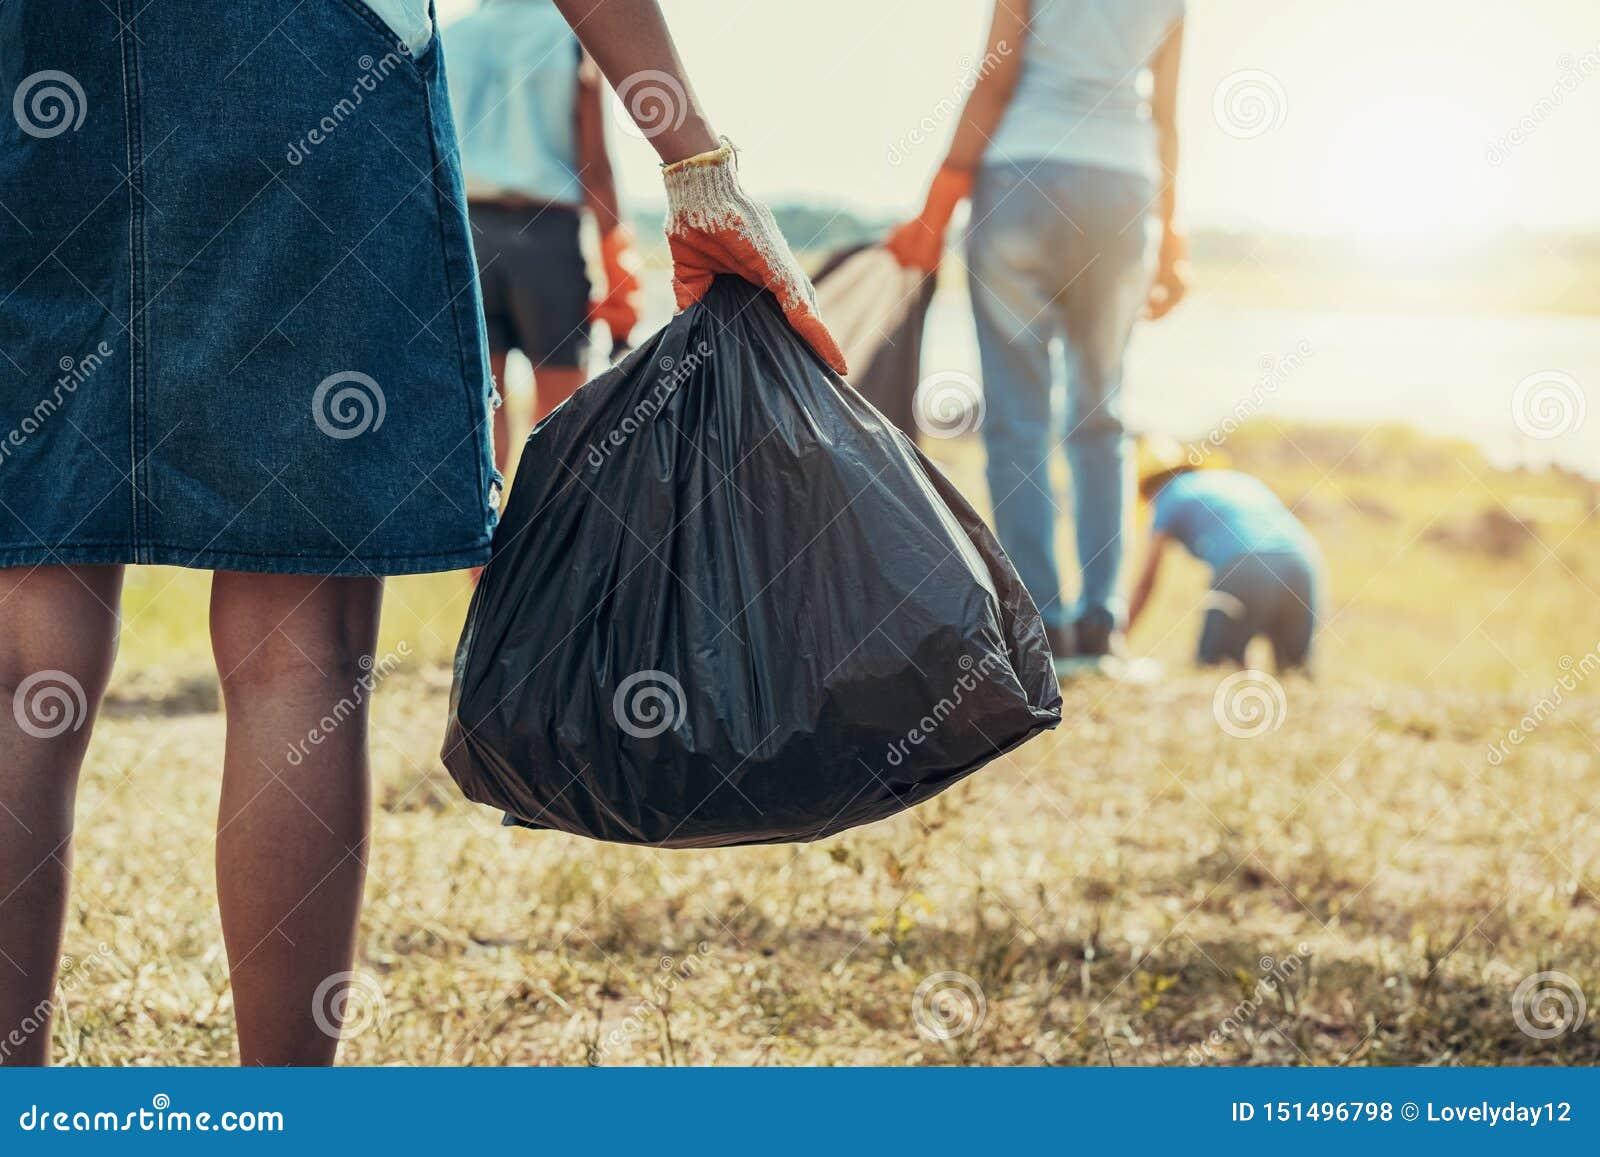 妇女拿着黑袋子的手拾起垃圾的和手在公园